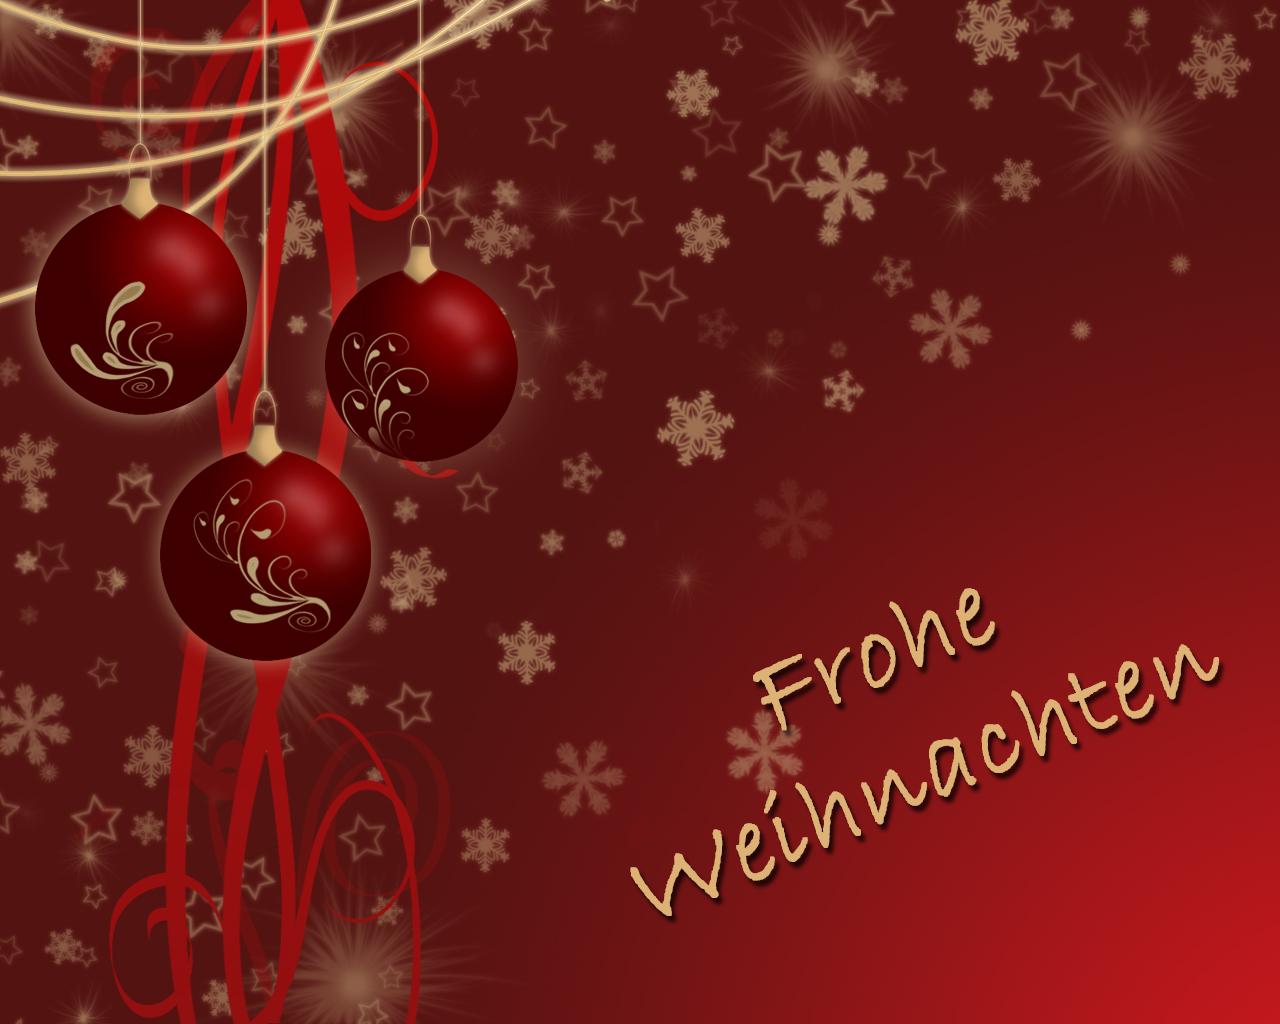 Kostenfreie Bilder Weihnachten.Frohe Weihnachten